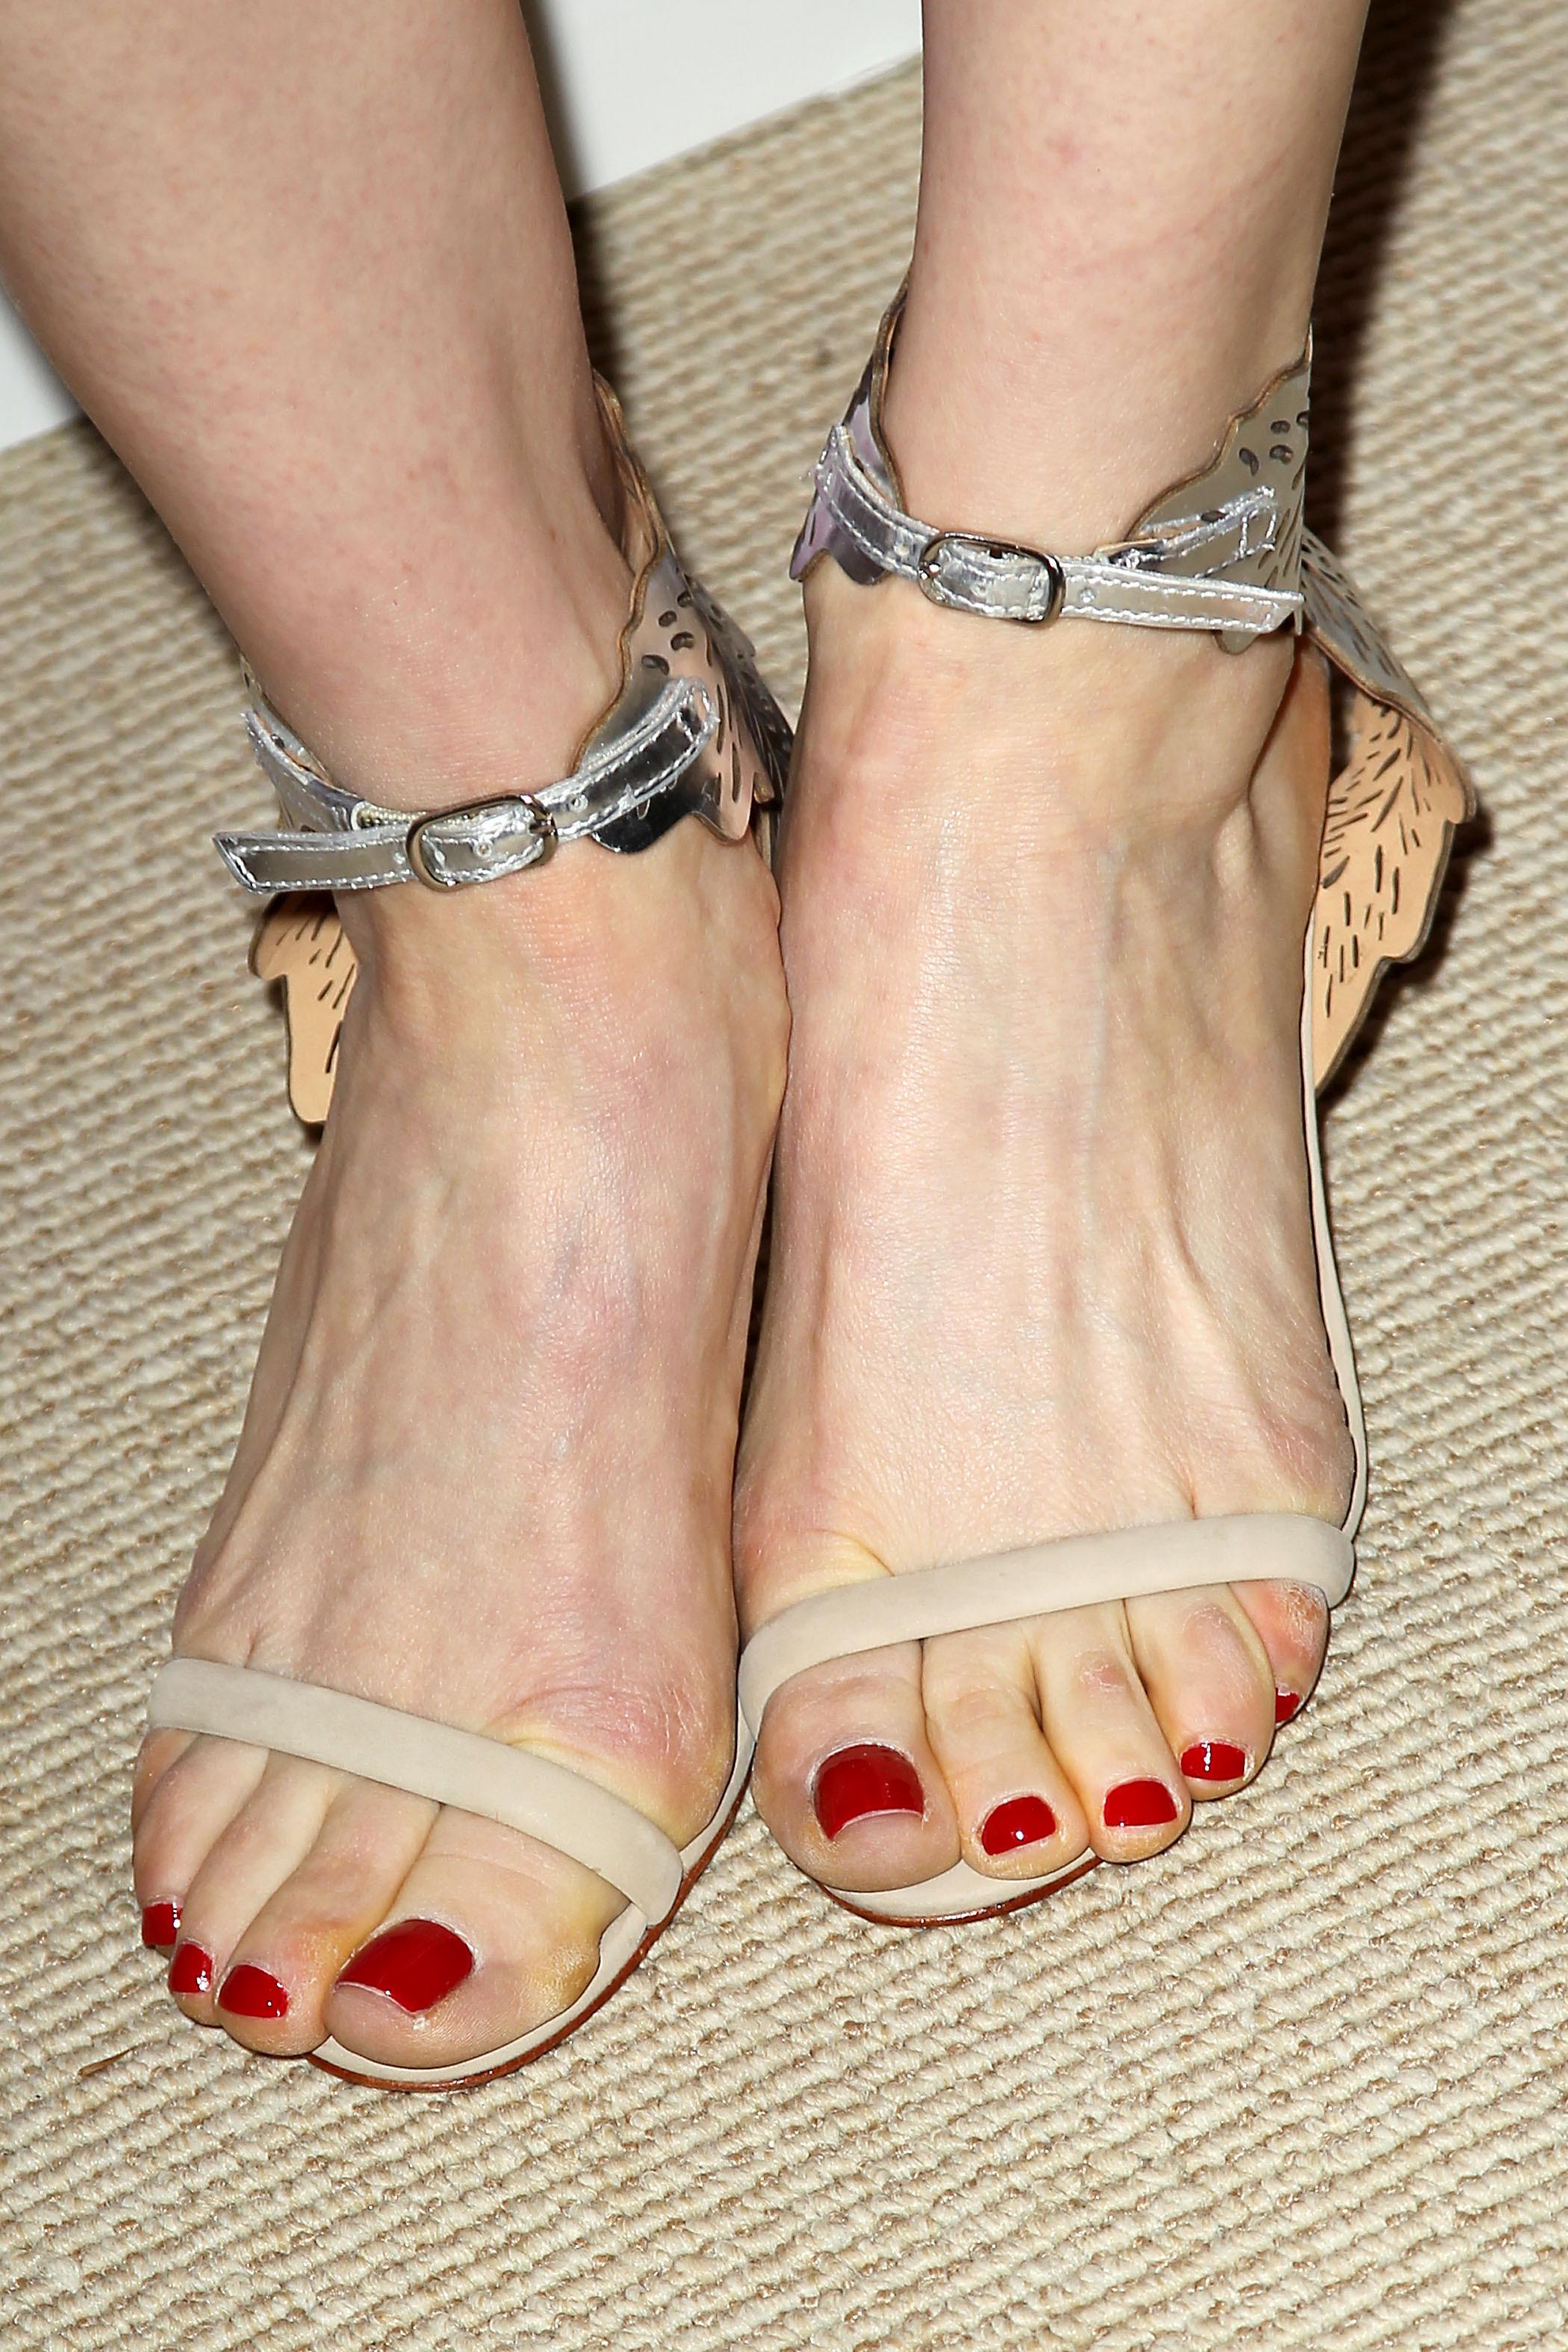 Ellie Kempers Feet